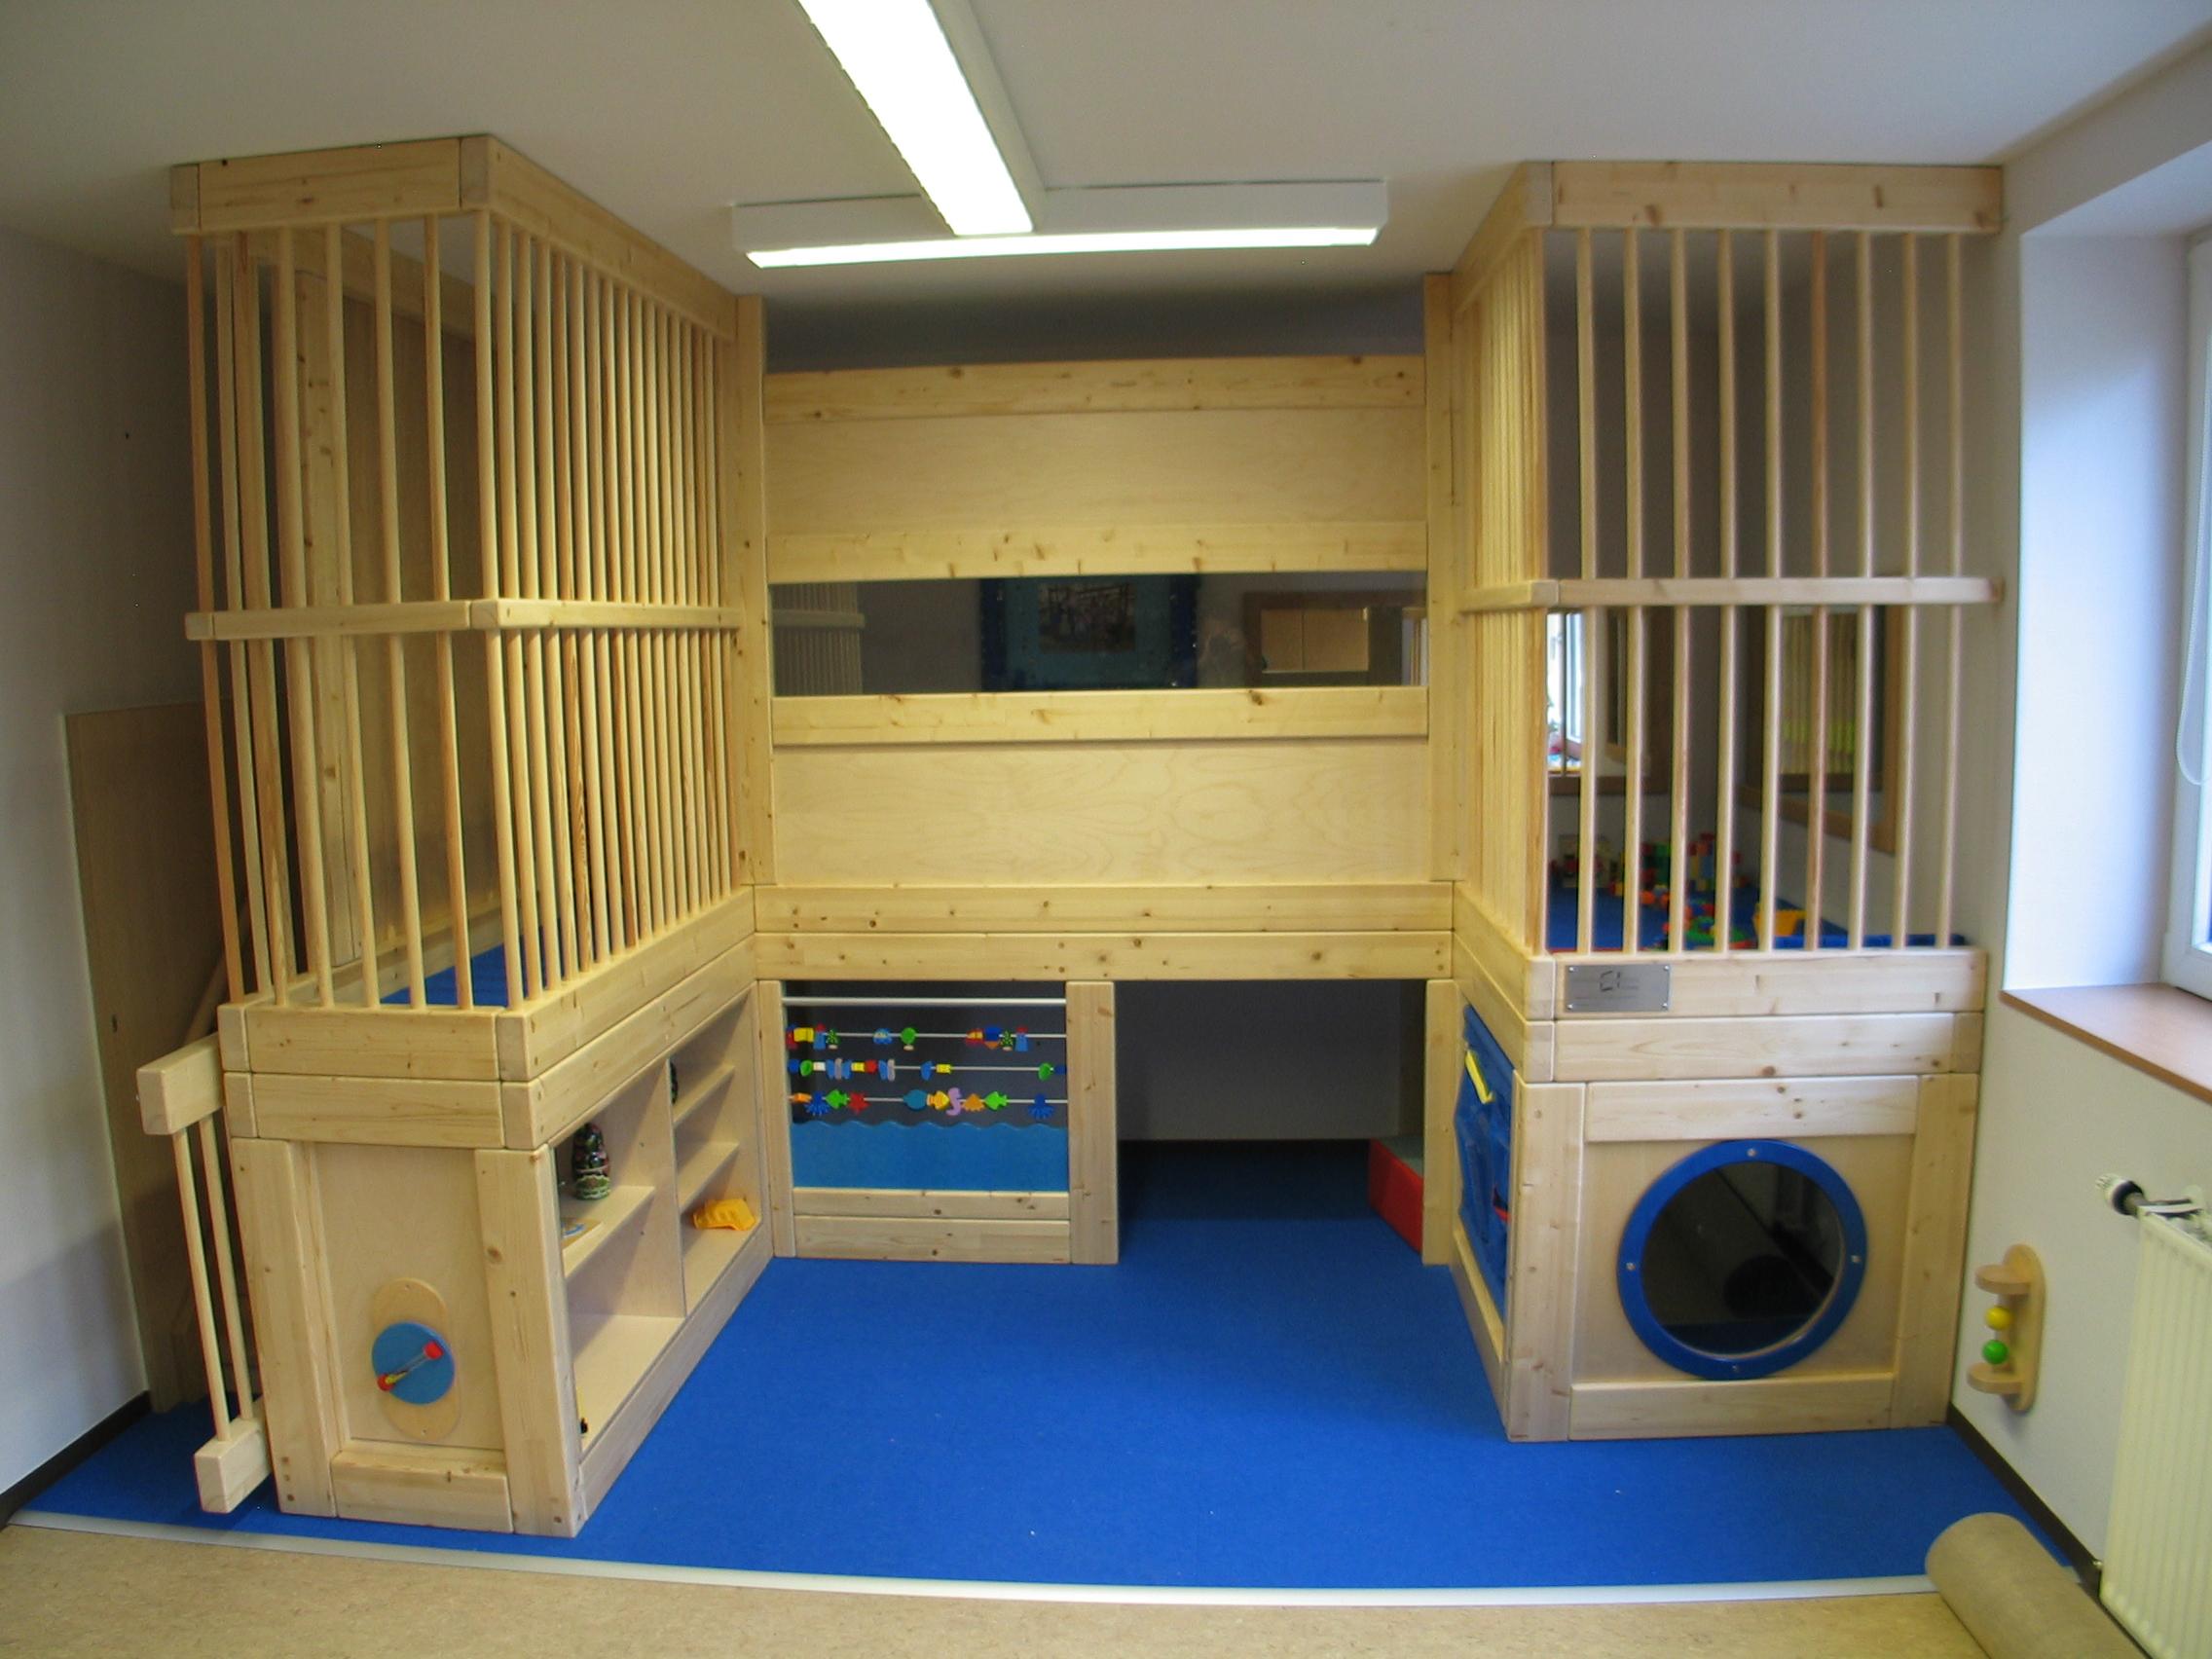 Kindermöbel und Spielgeräte